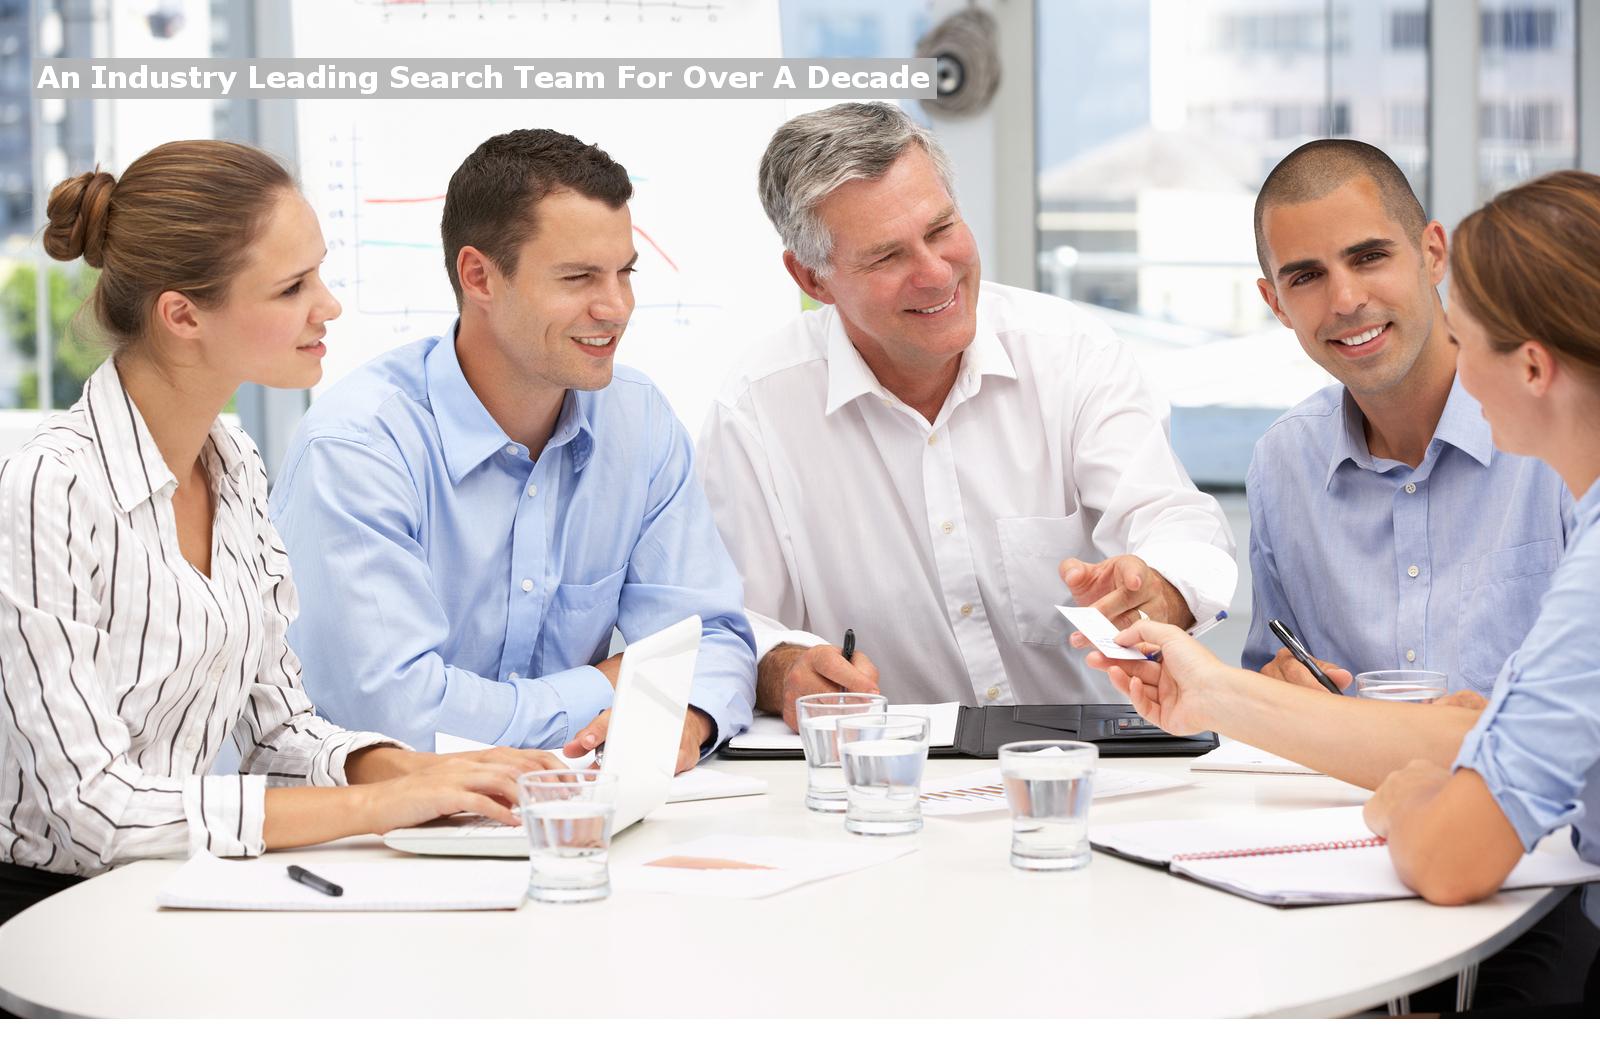 bigstock-Business-people-in-meeting-22524476-Worded